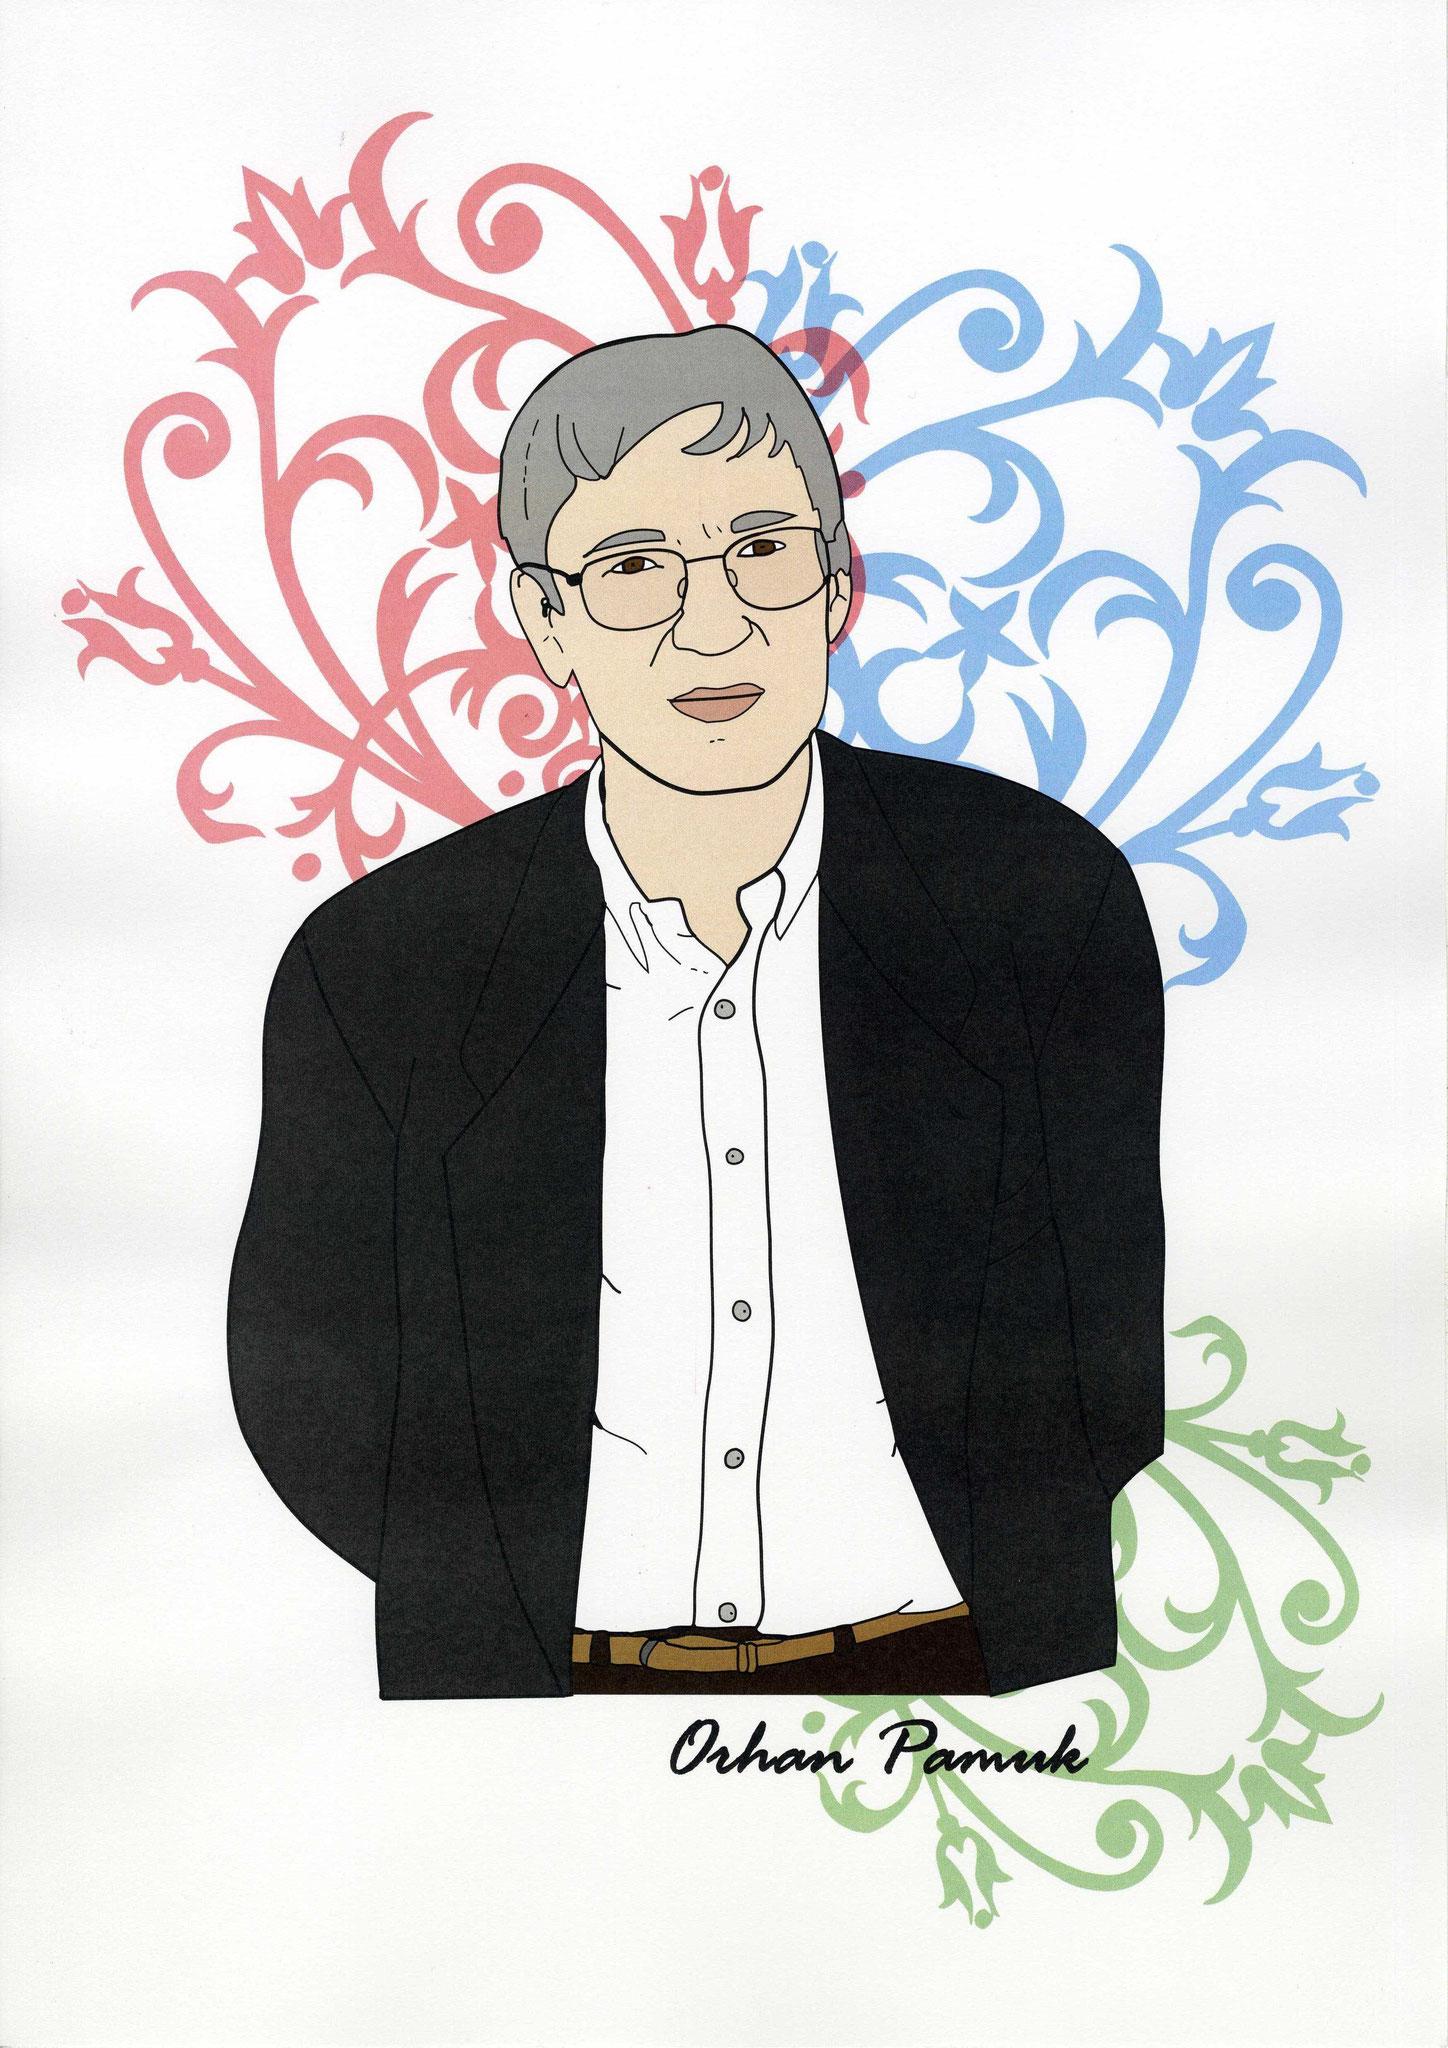 Orhan Pamuk Portrait - Illustration für Orhan Pamuks Buch ,,Das schwarze Buch``